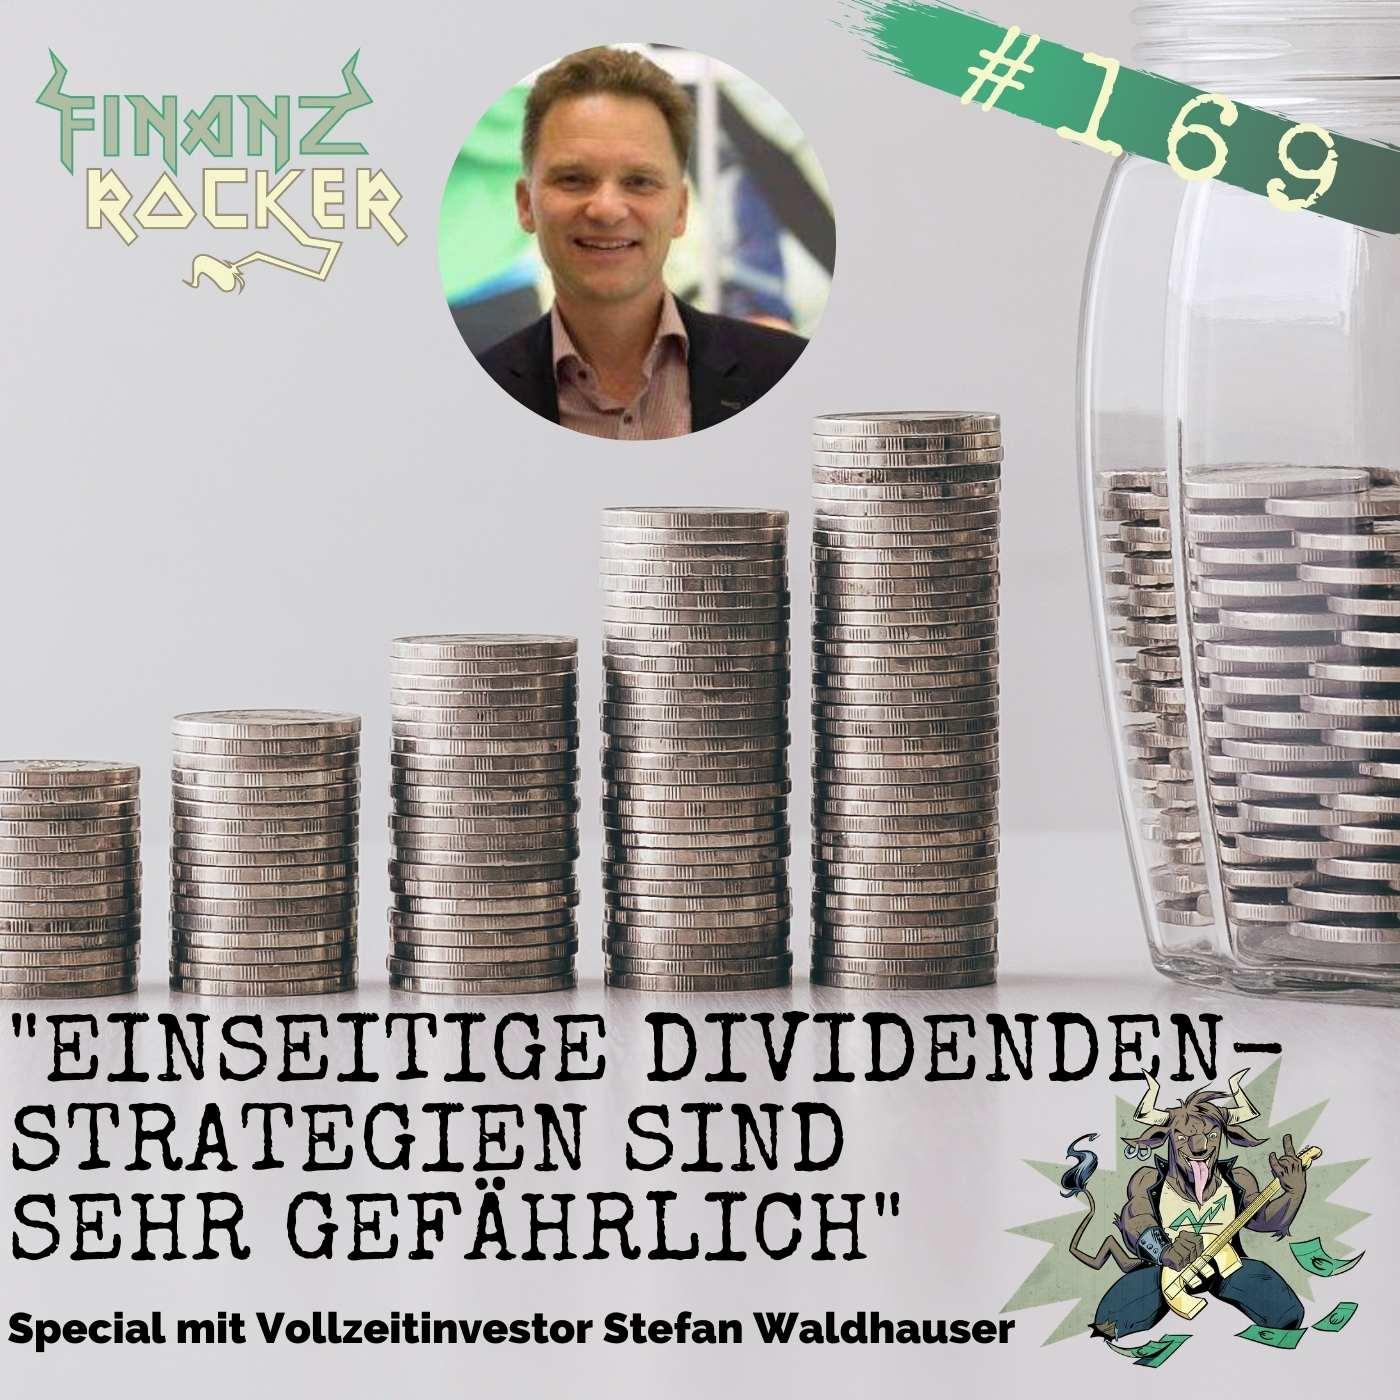 """Folge 169: """"Einseitige Dividendenstrategien sind sehr gefährlich"""" - Special mit Stefan Waldhauser"""